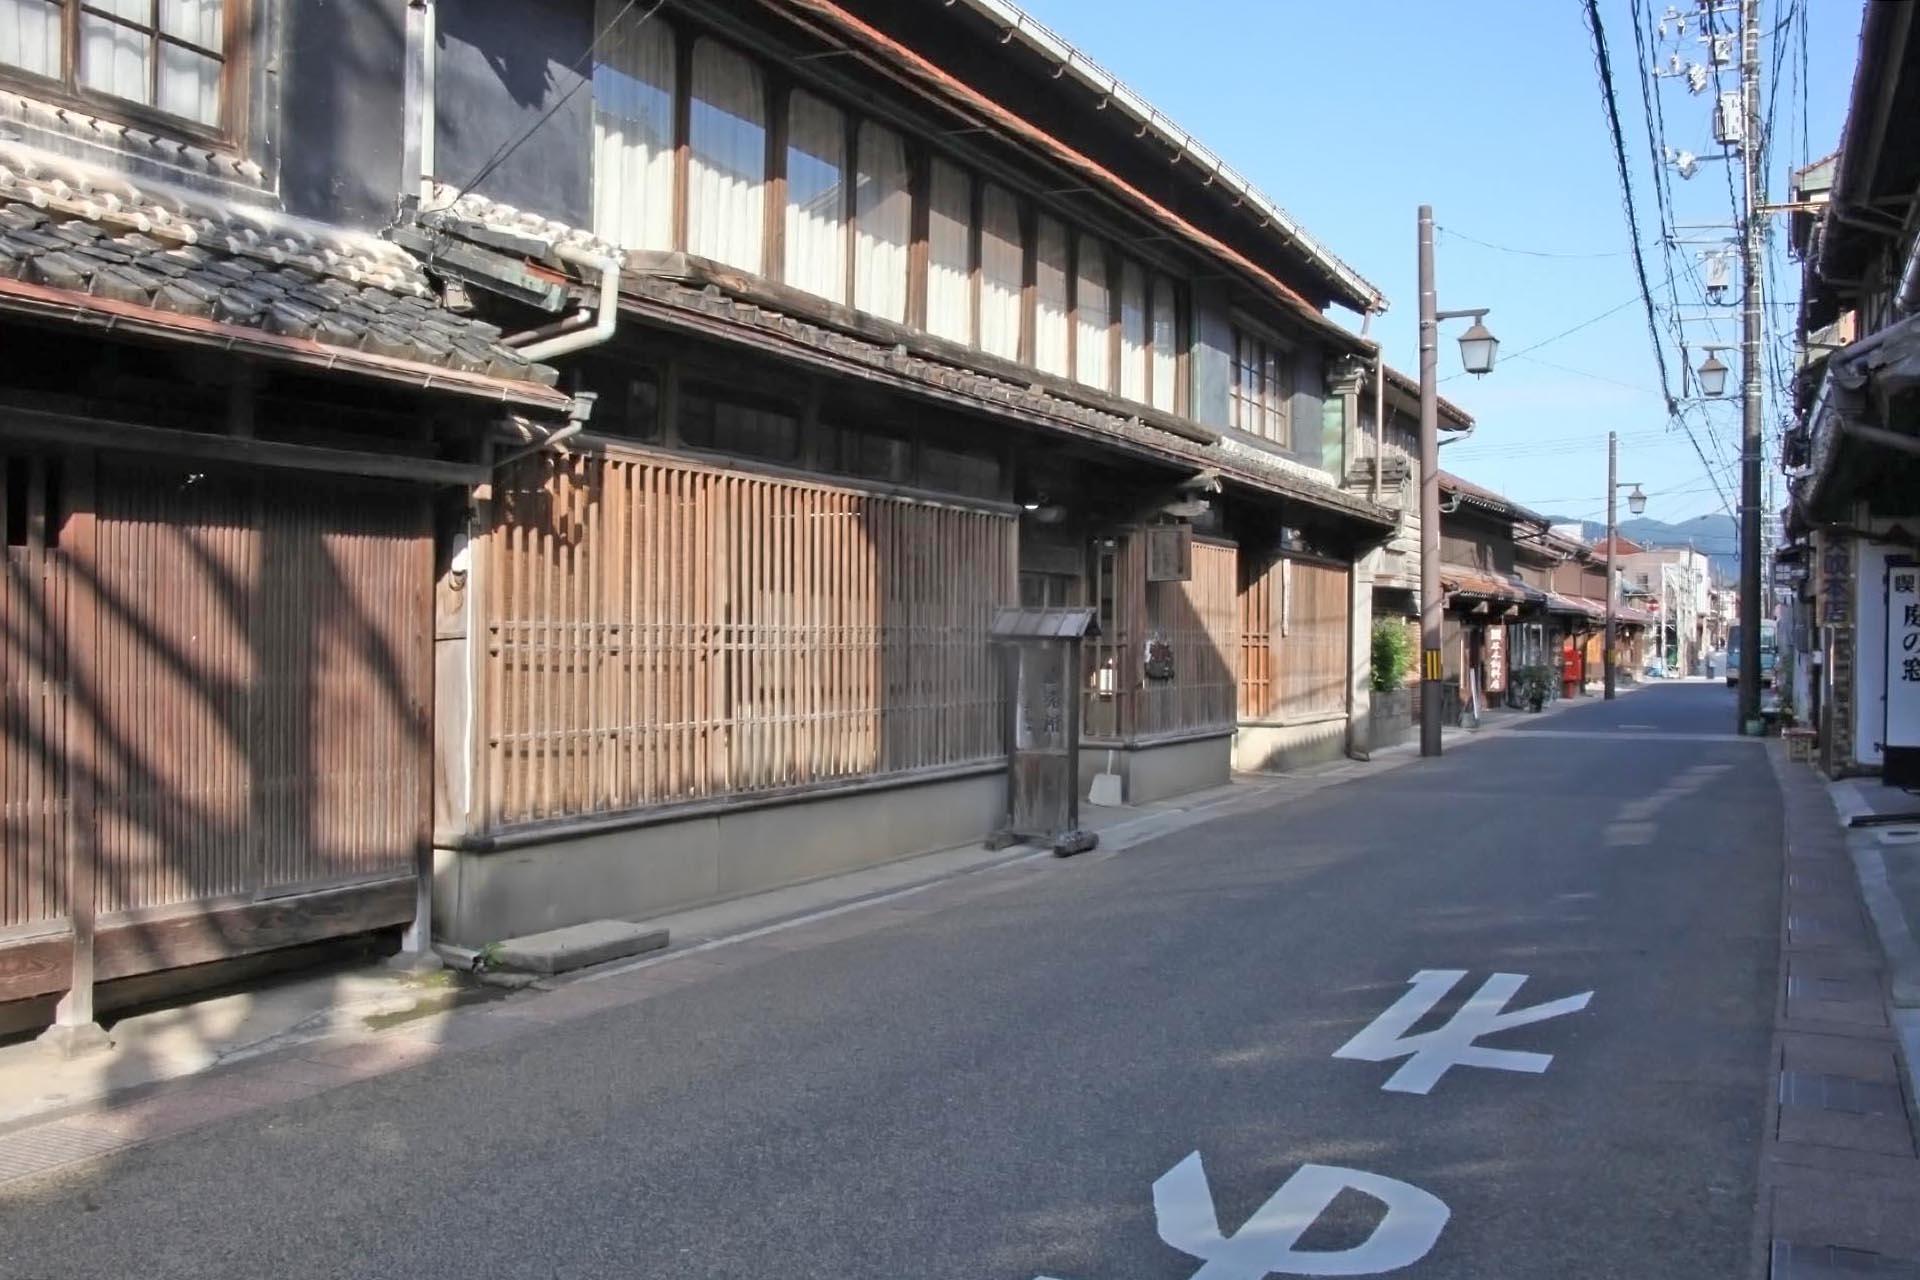 倉吉の町並み 鳥取の風景